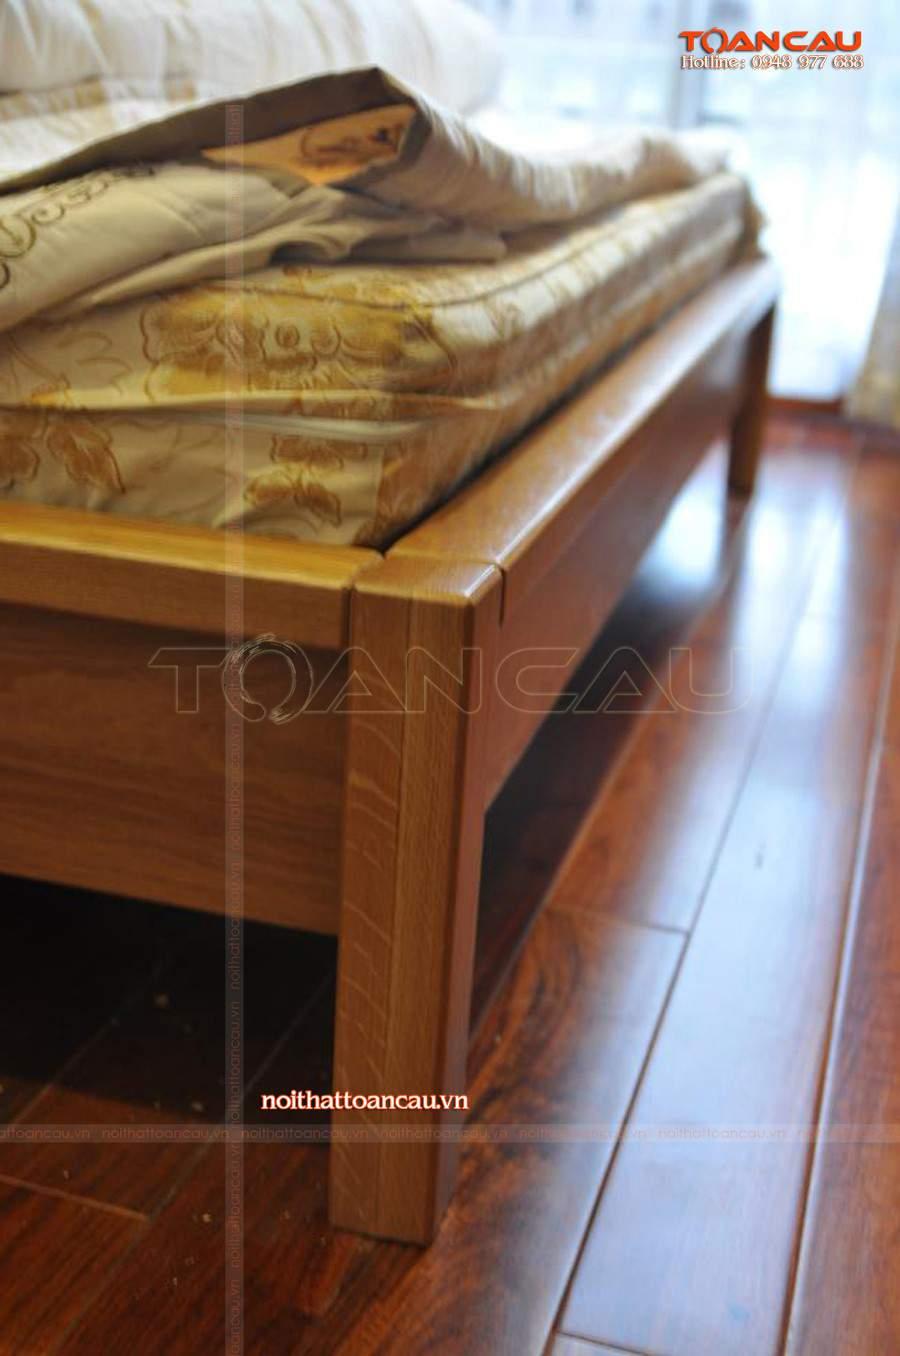 Nội thất phòng ngủ thiết kế bằng gỗ Sồi chắc chắn, chất lượng đảm bảo 100% khi sử dụng.